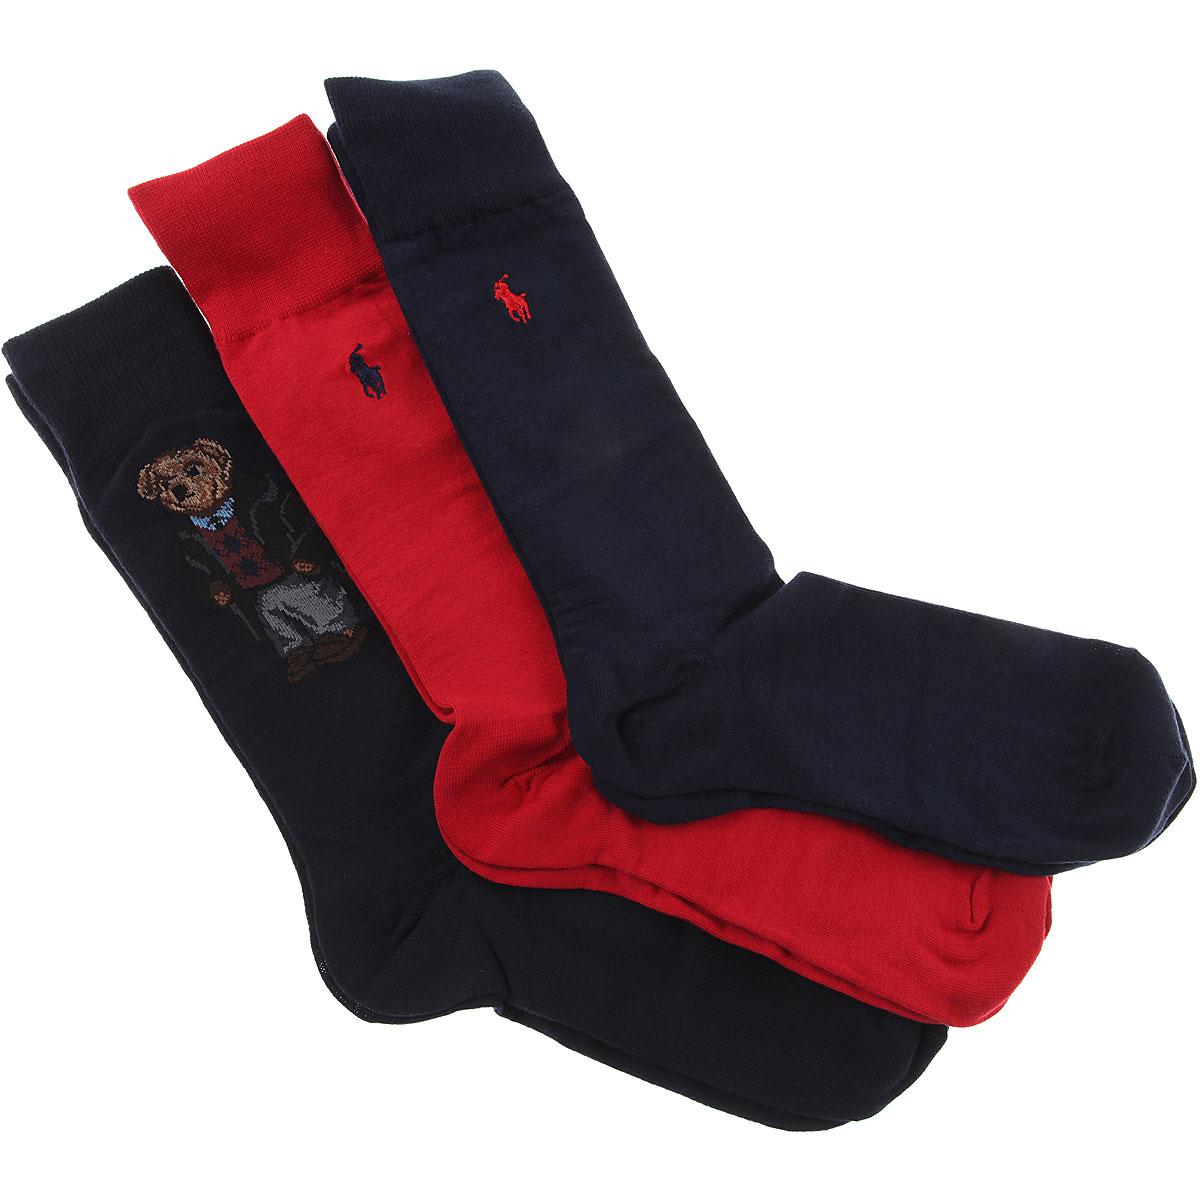 Image of Ralph Lauren Socks Socks for Men, 3 Pack, Red, Cotton, 2017